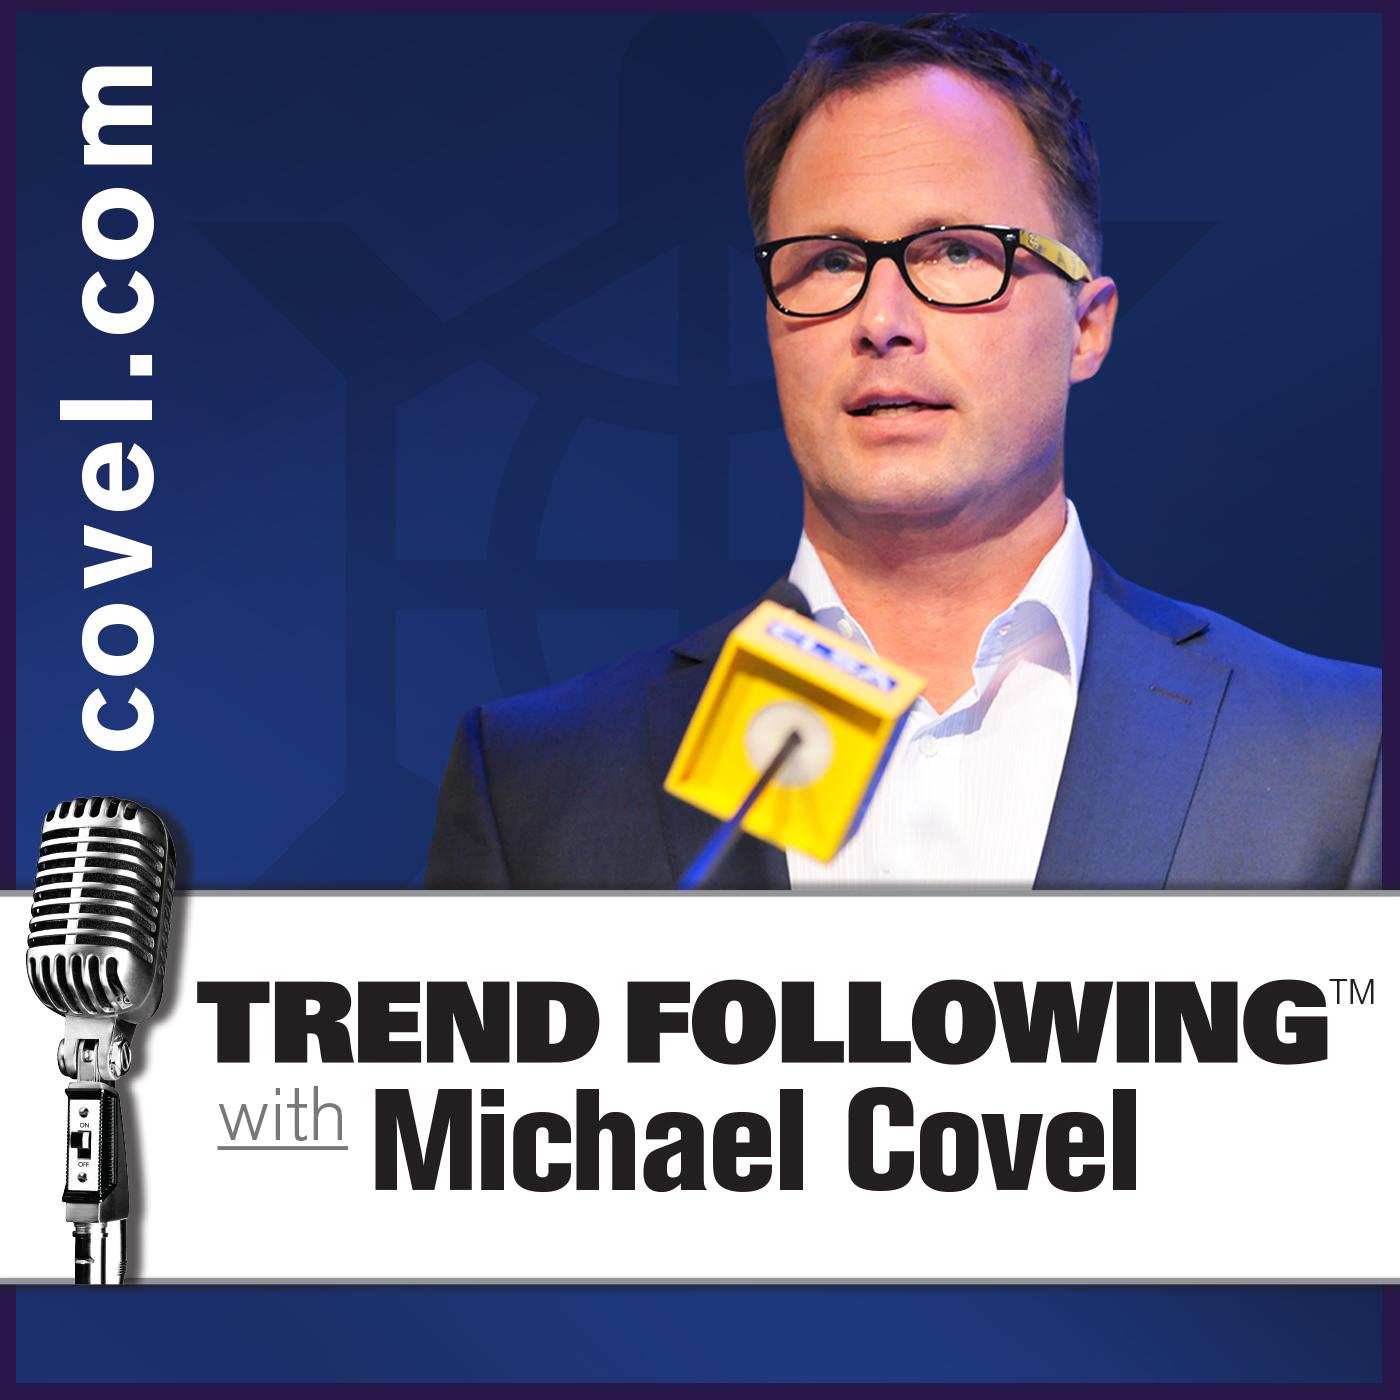 Michael Covel's Trend Following show art